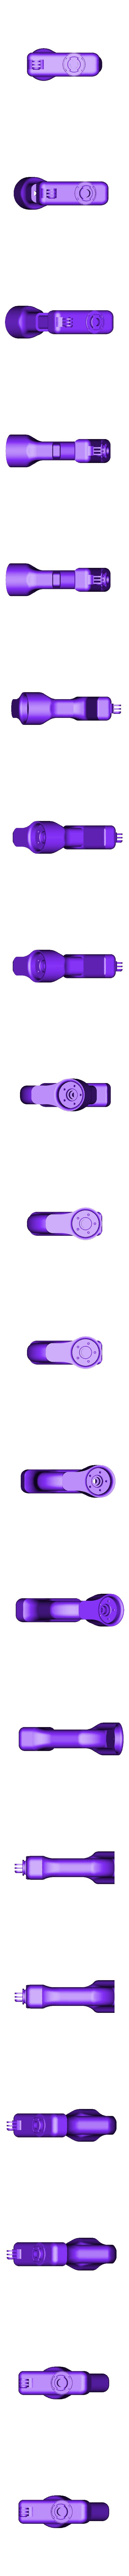 Poignée ergonomique gopro.stl Descargar archivo STL Mango ergonómico multi-herramienta GoPro Action Cam • Plan de la impresora 3D, McGyver_Ch218